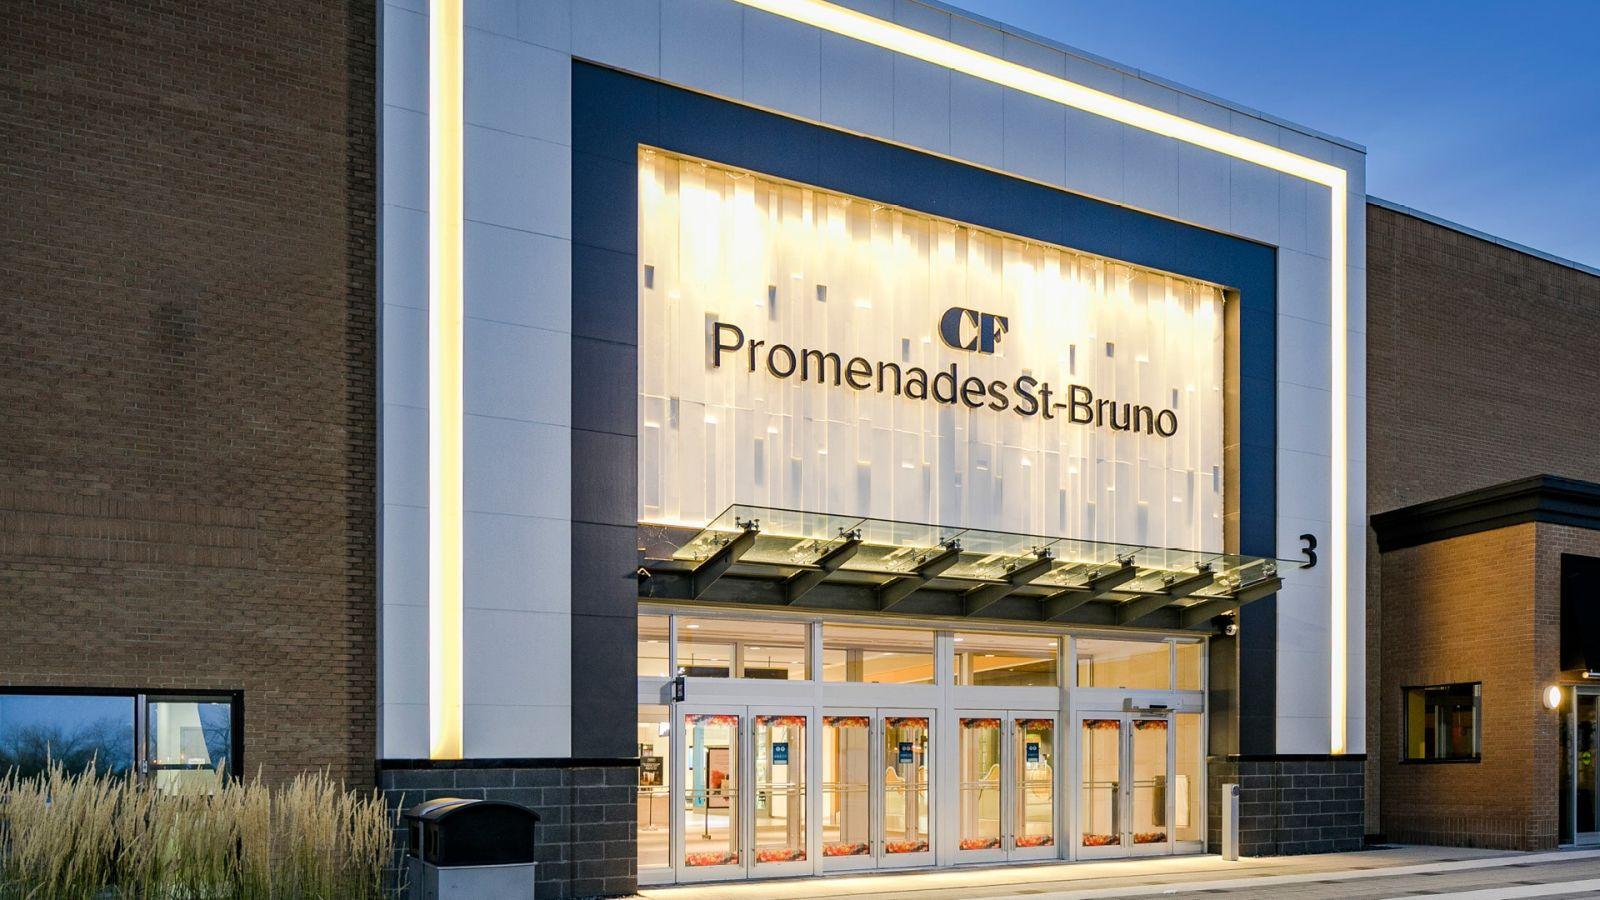 [CF Promenades St-Bruno] - Exterior